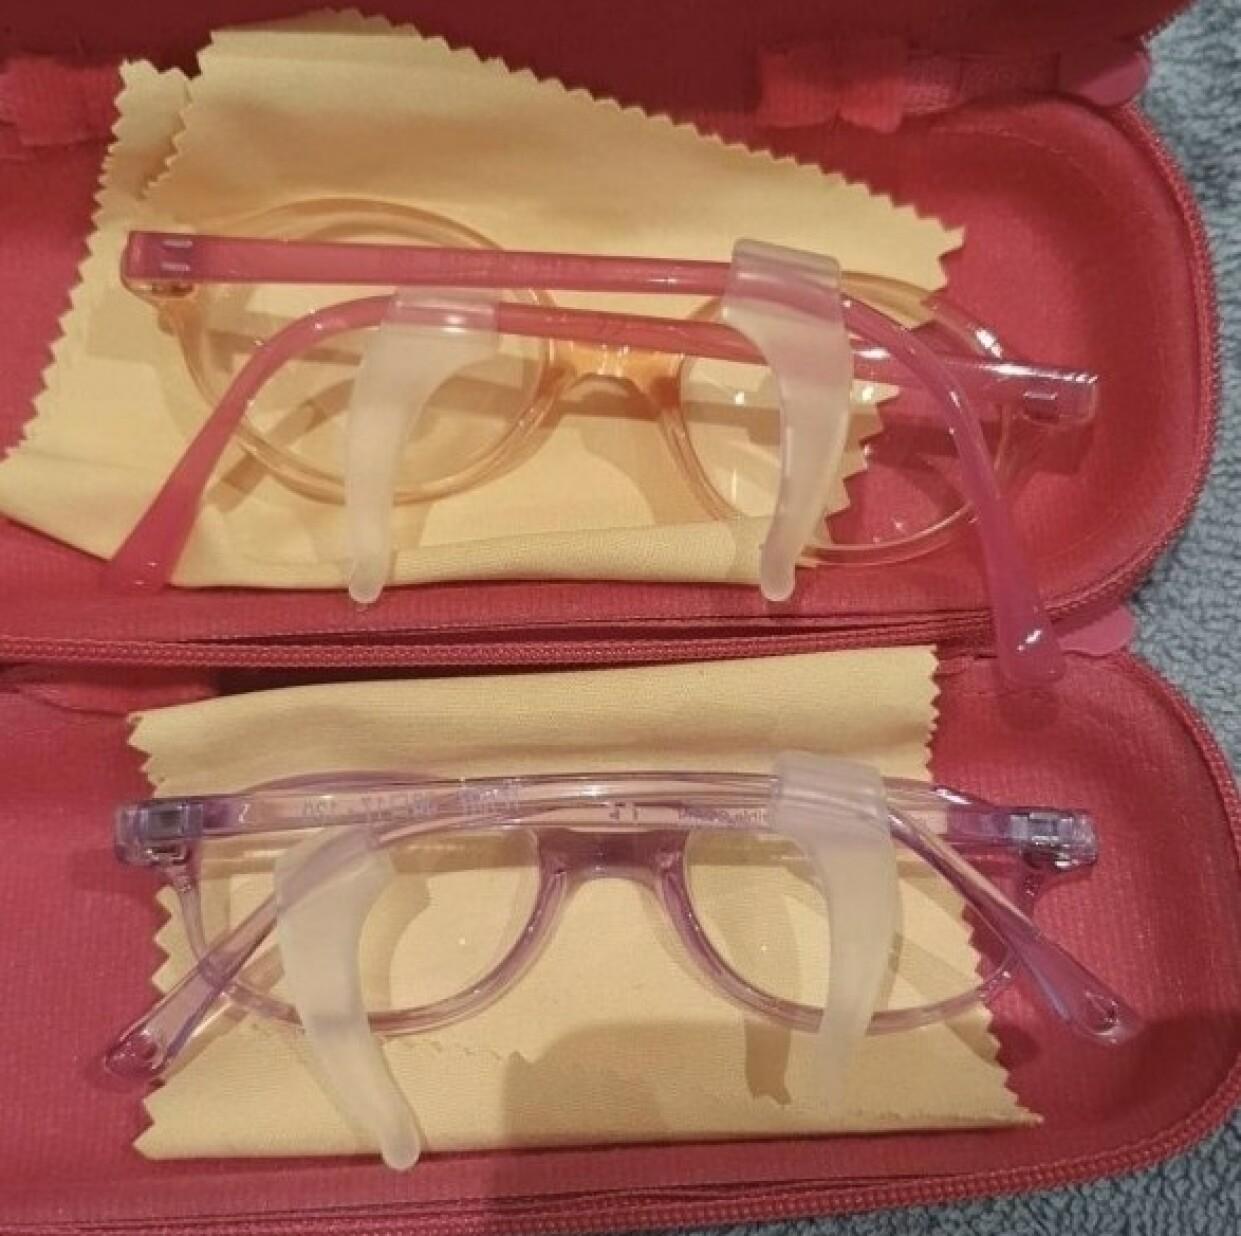 EKSTRA PLASTIKKARMER: Fordi det ikke eksisterer briller for så små barn, måtte de tilpasses med ekstra plastikkarmer. Disse var imidlertid litt for lette å få av for jentene, som puttet dem i munnen. FOTO: Privat